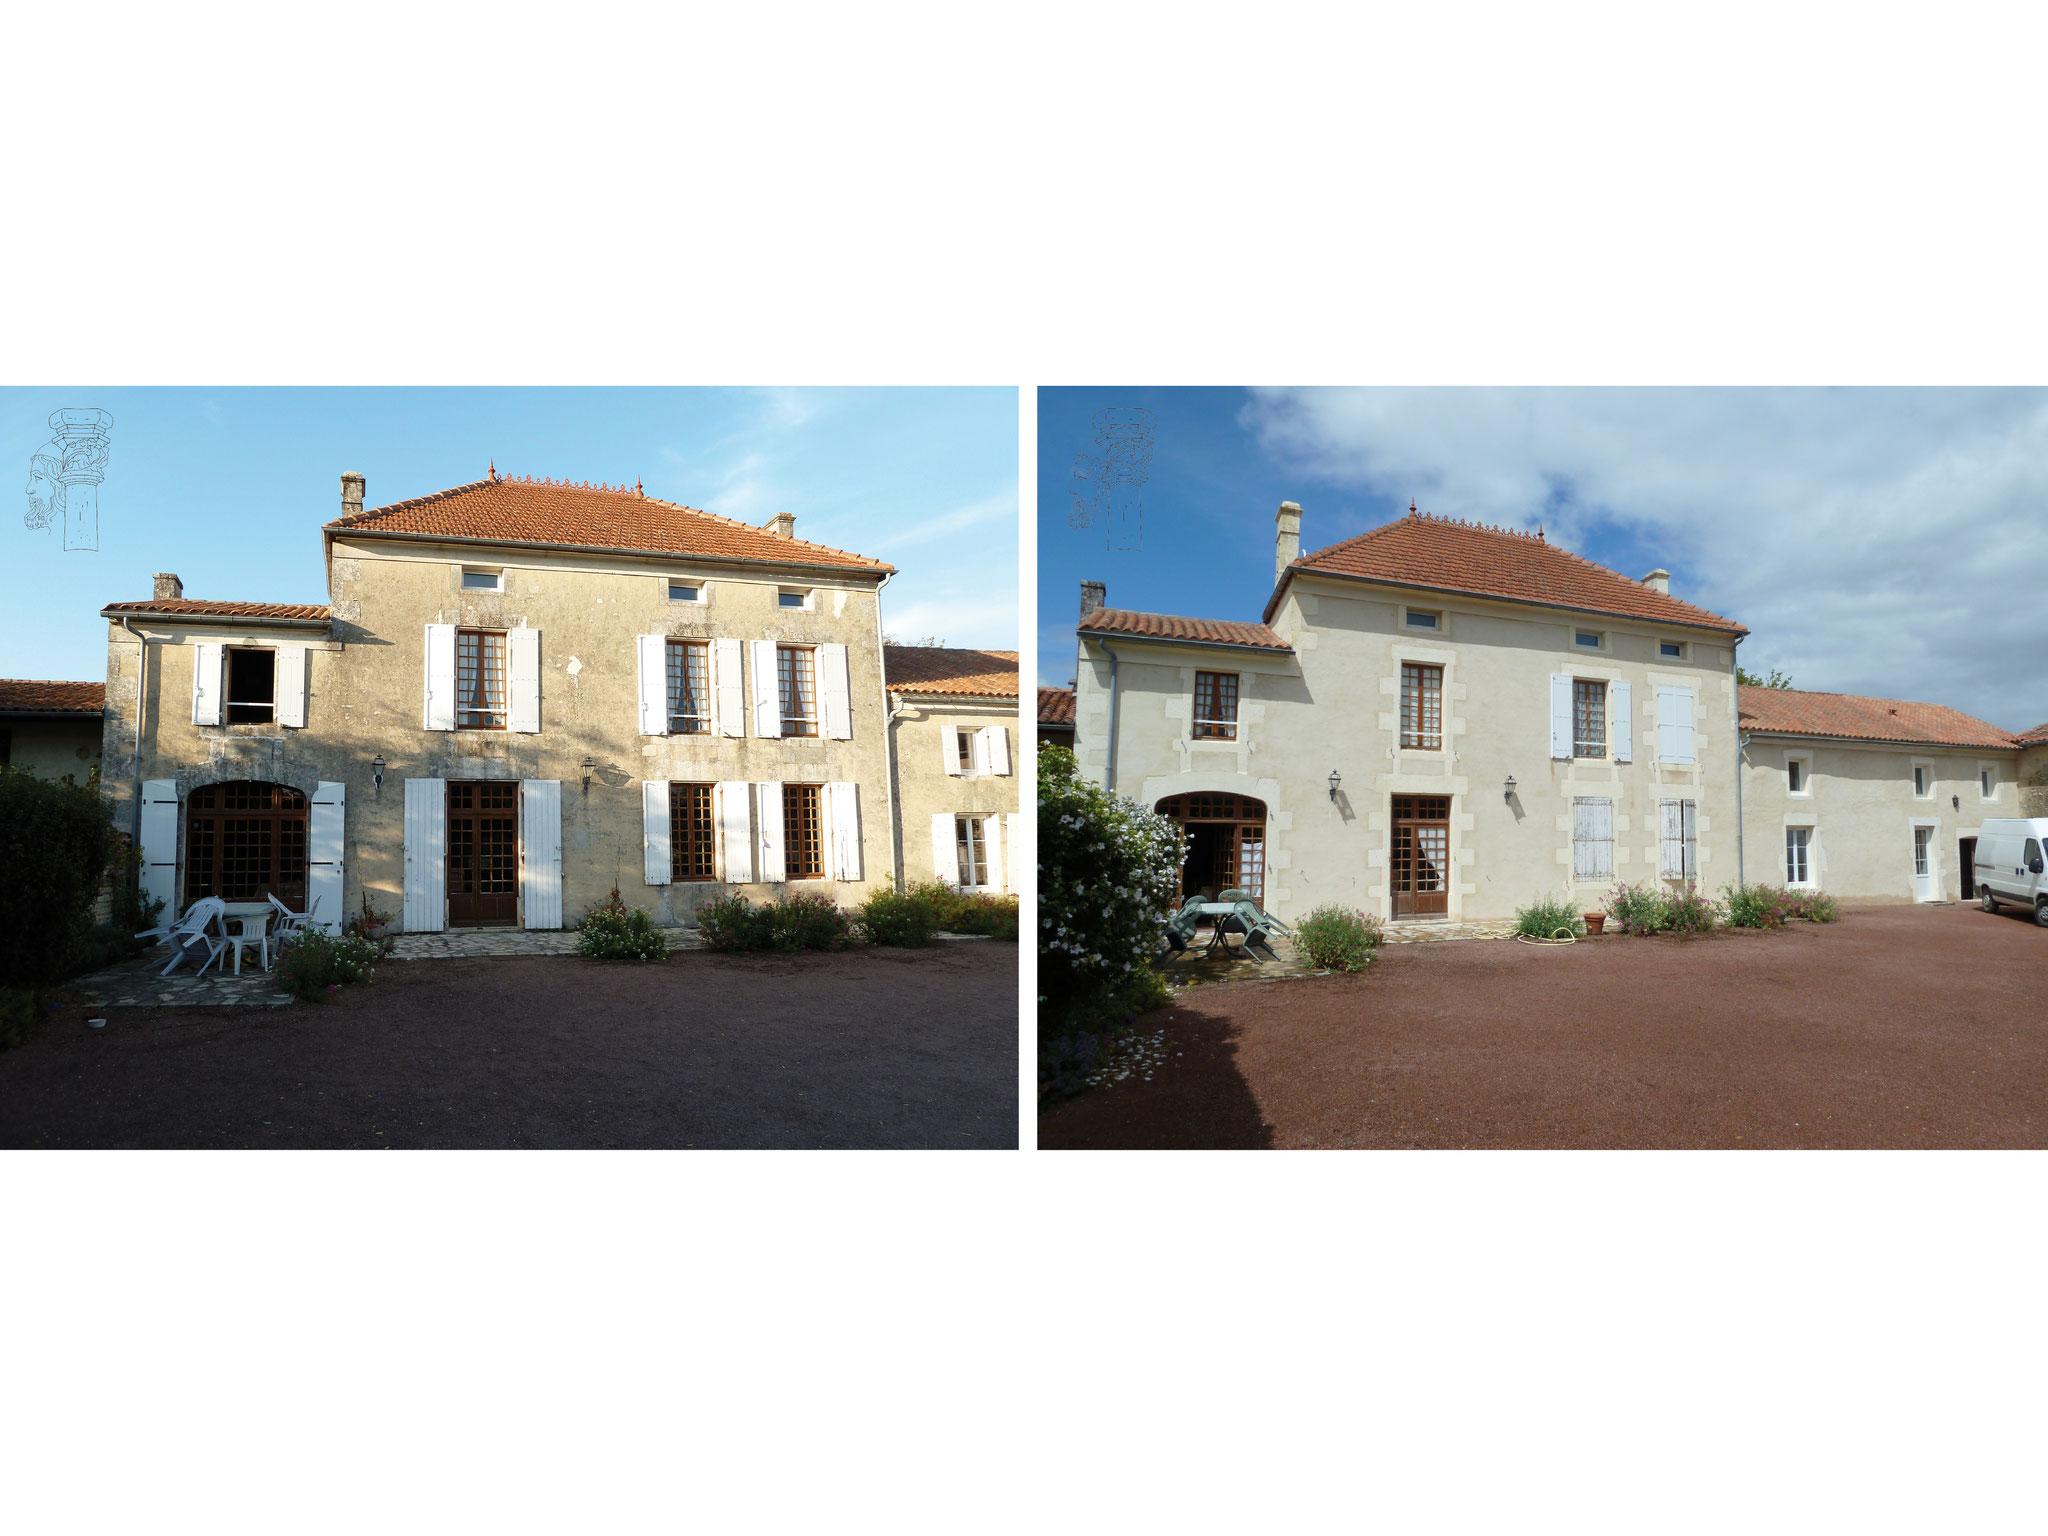 Restauration d'une façade Avant/Après